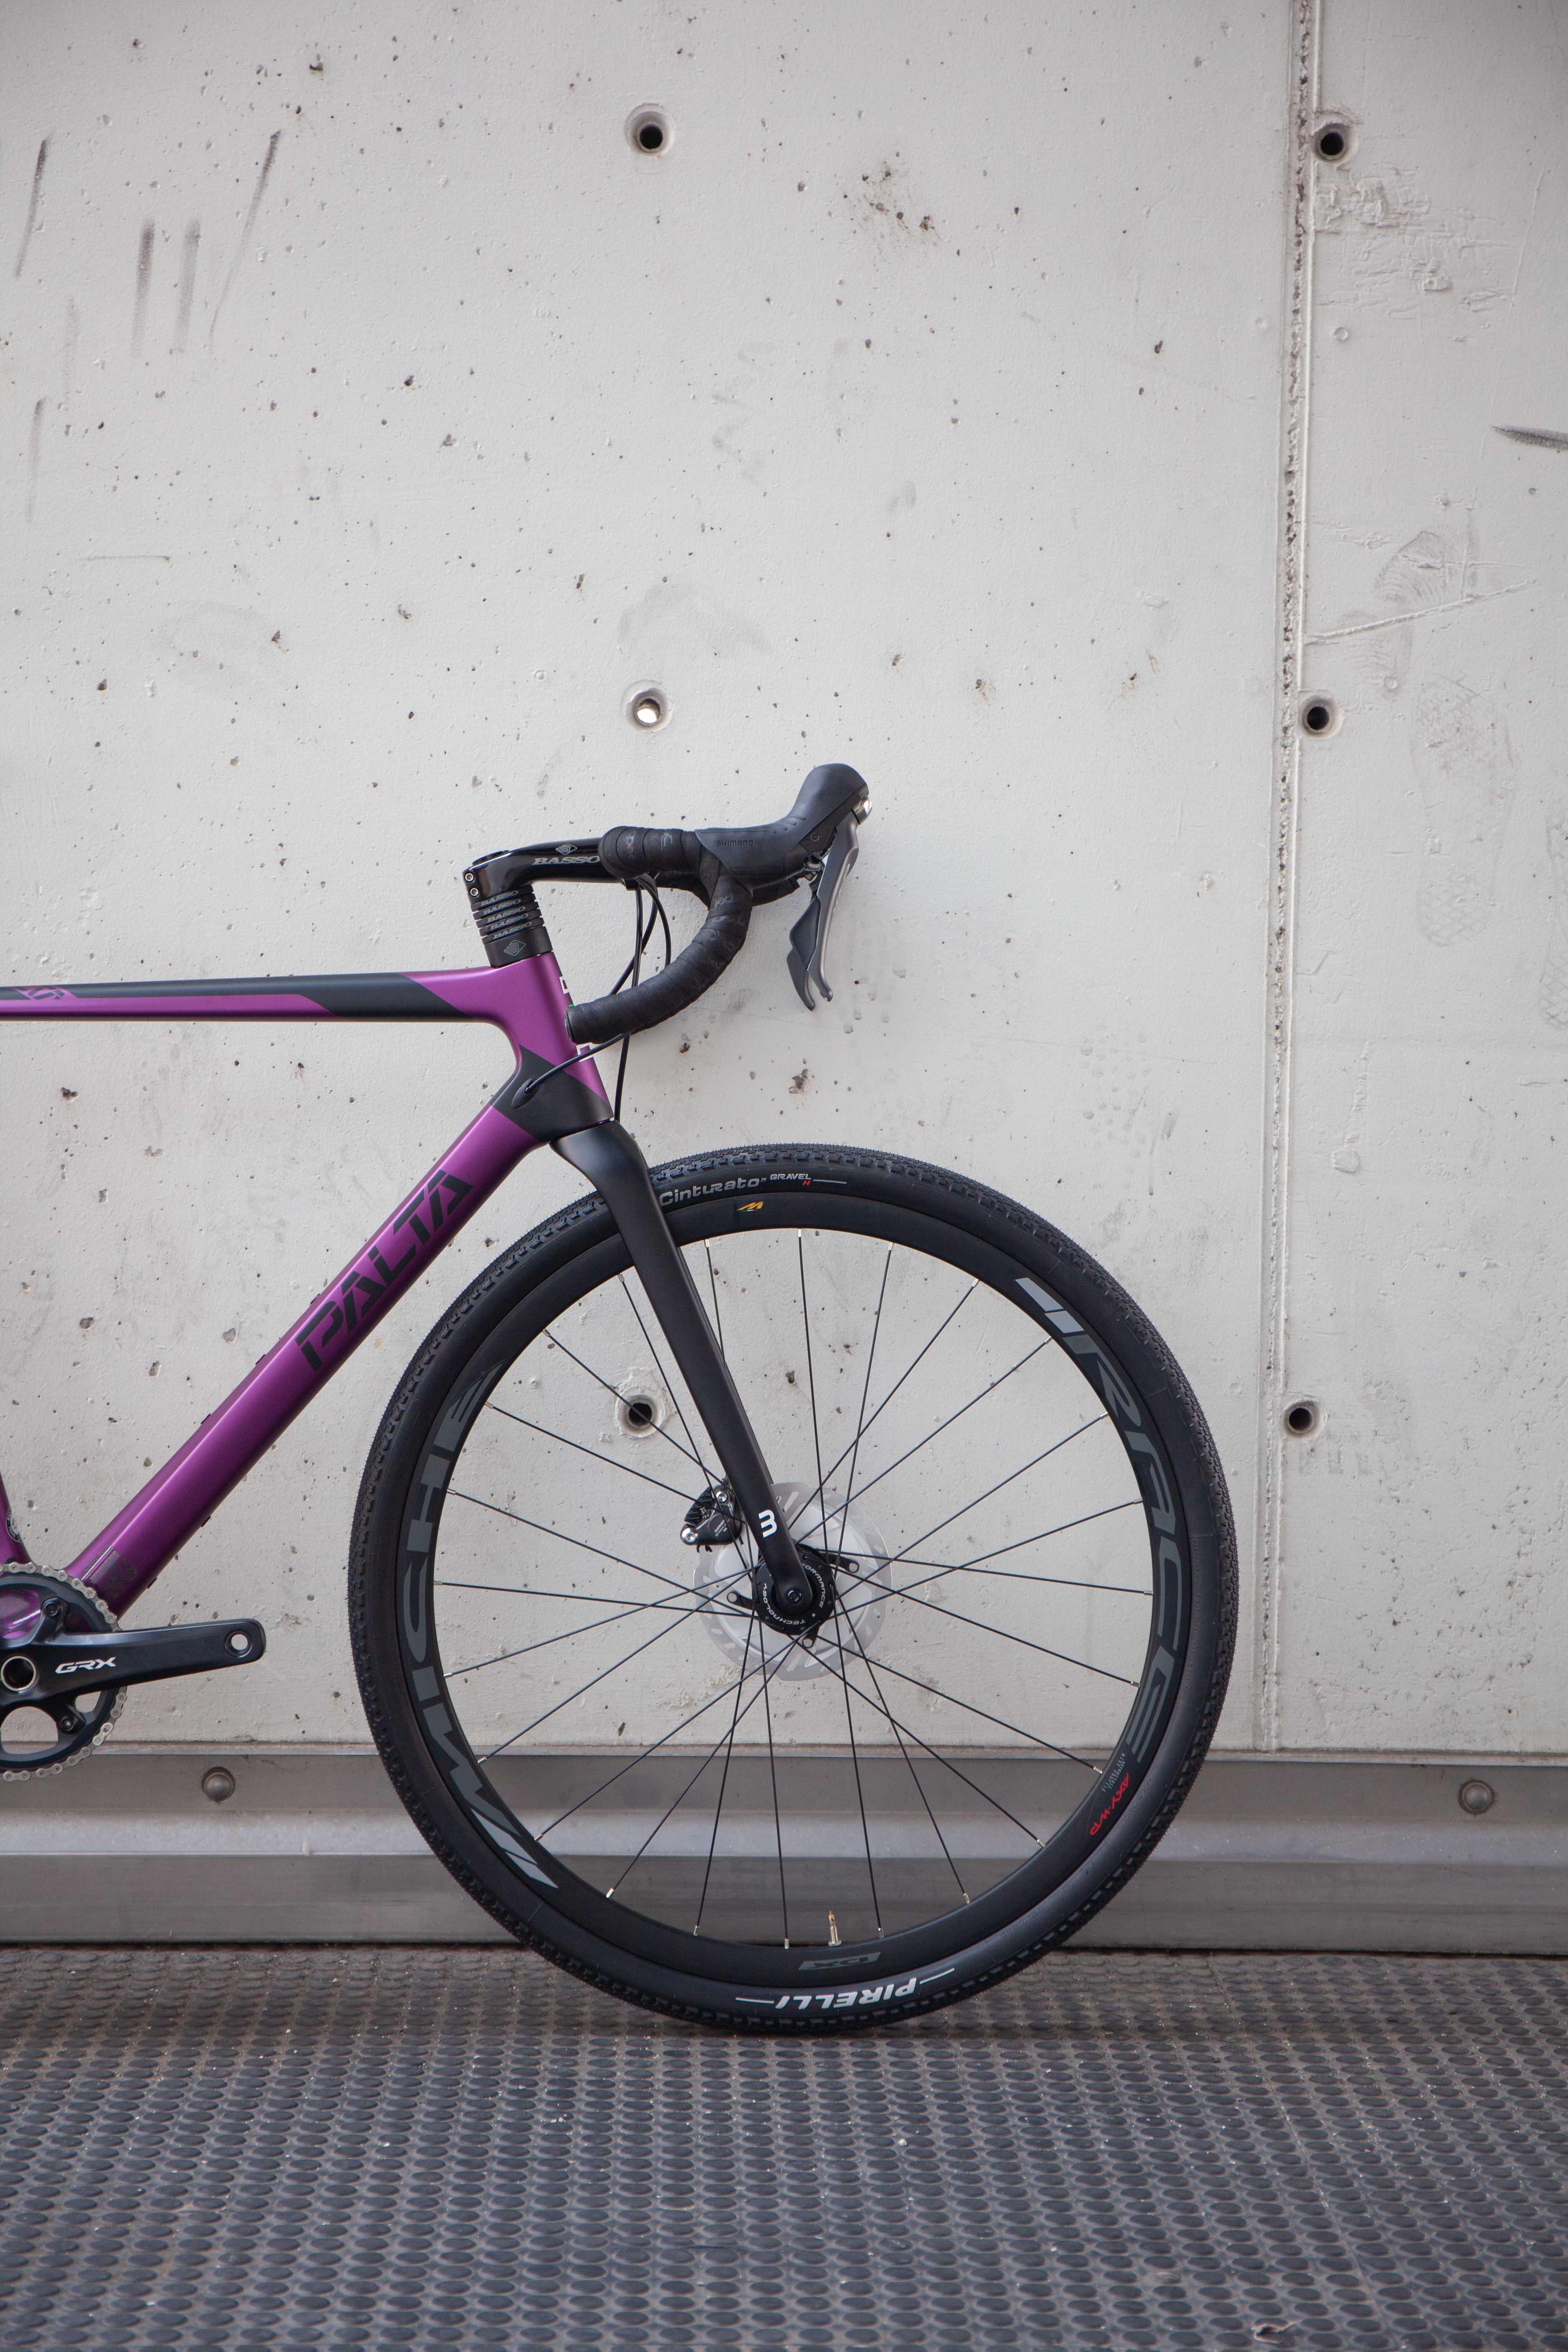 Cicli Corsa Basso Palta Purple L grx-4